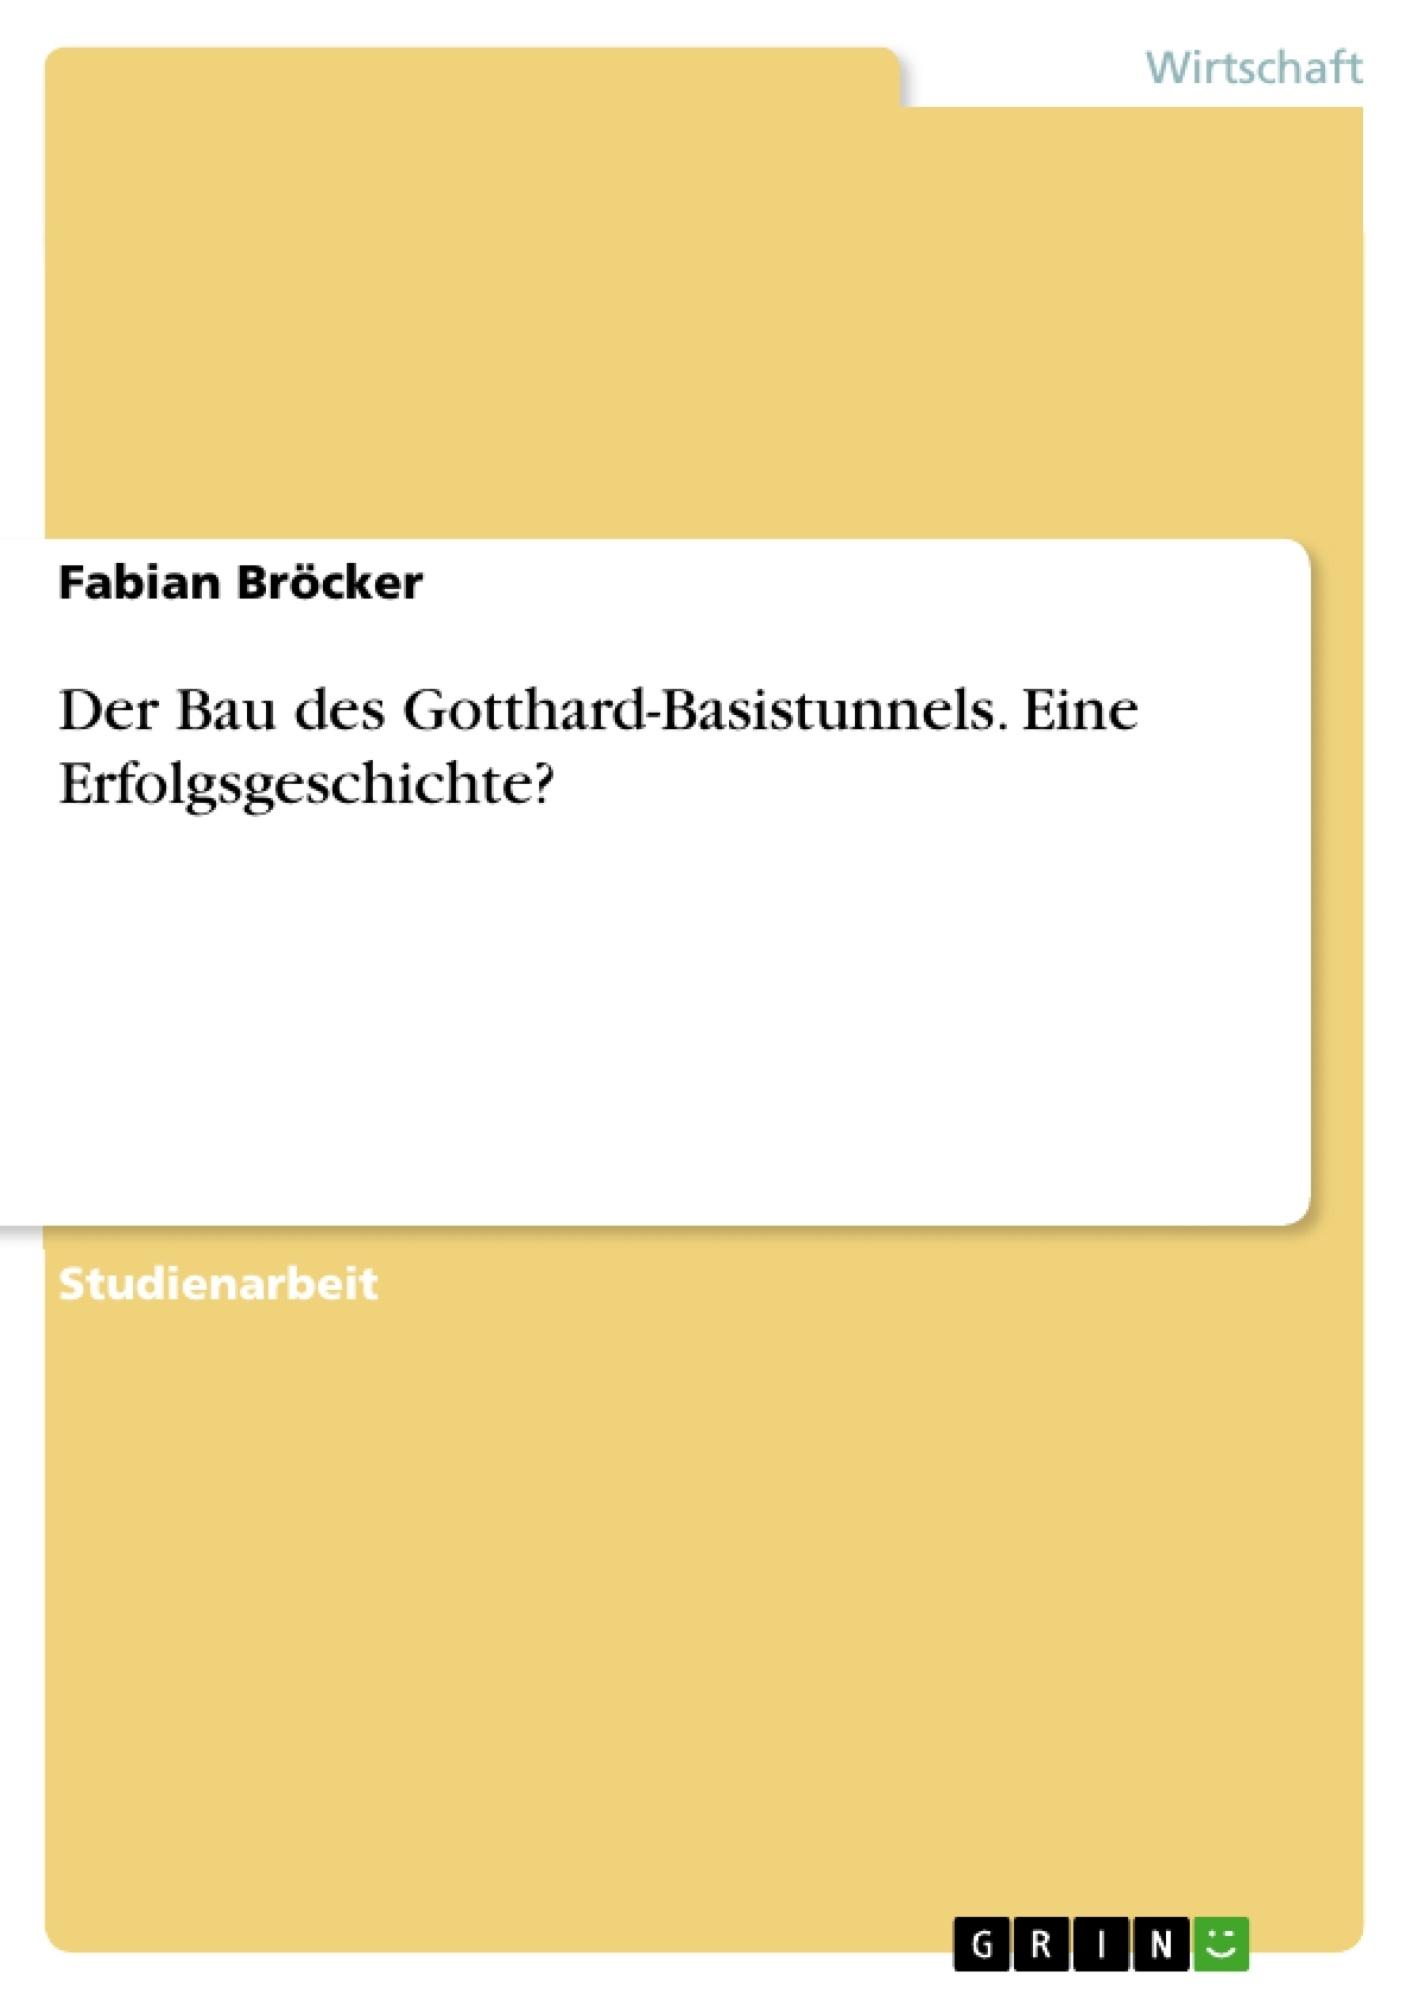 Titel: Der Bau des Gotthard-Basistunnels. Eine Erfolgsgeschichte?